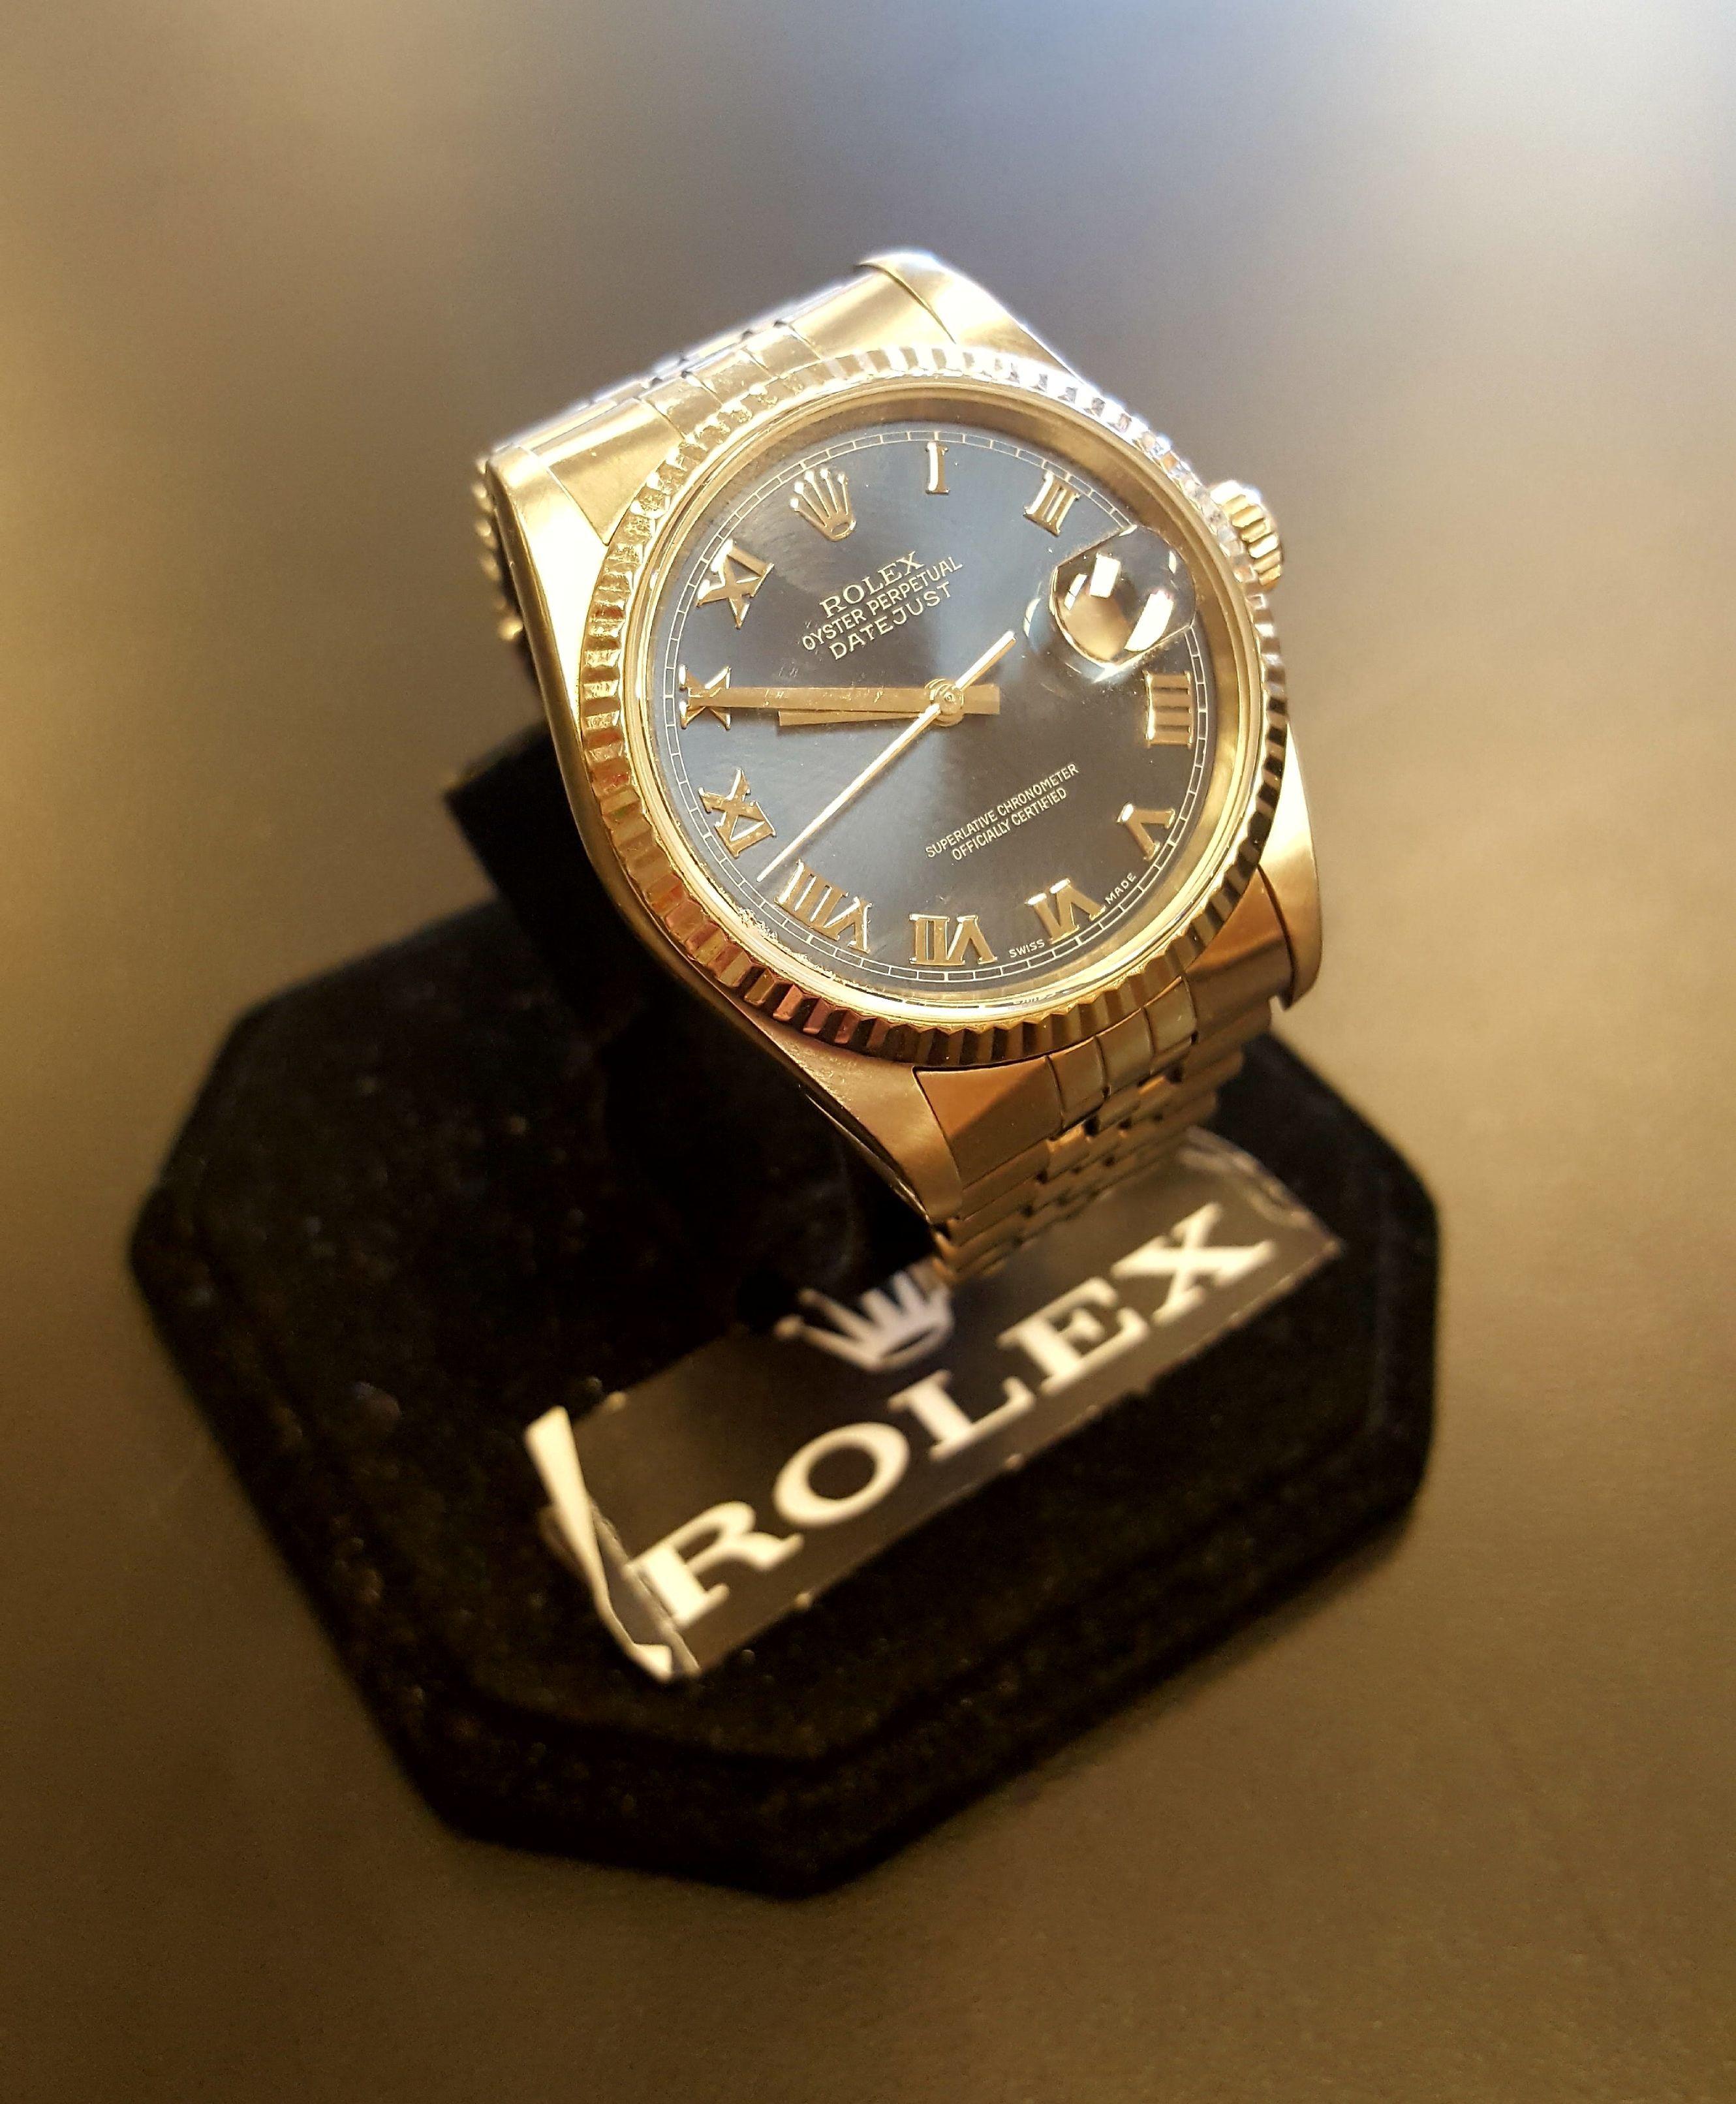 ROLEX - 16234 - WATCH JEWELRY